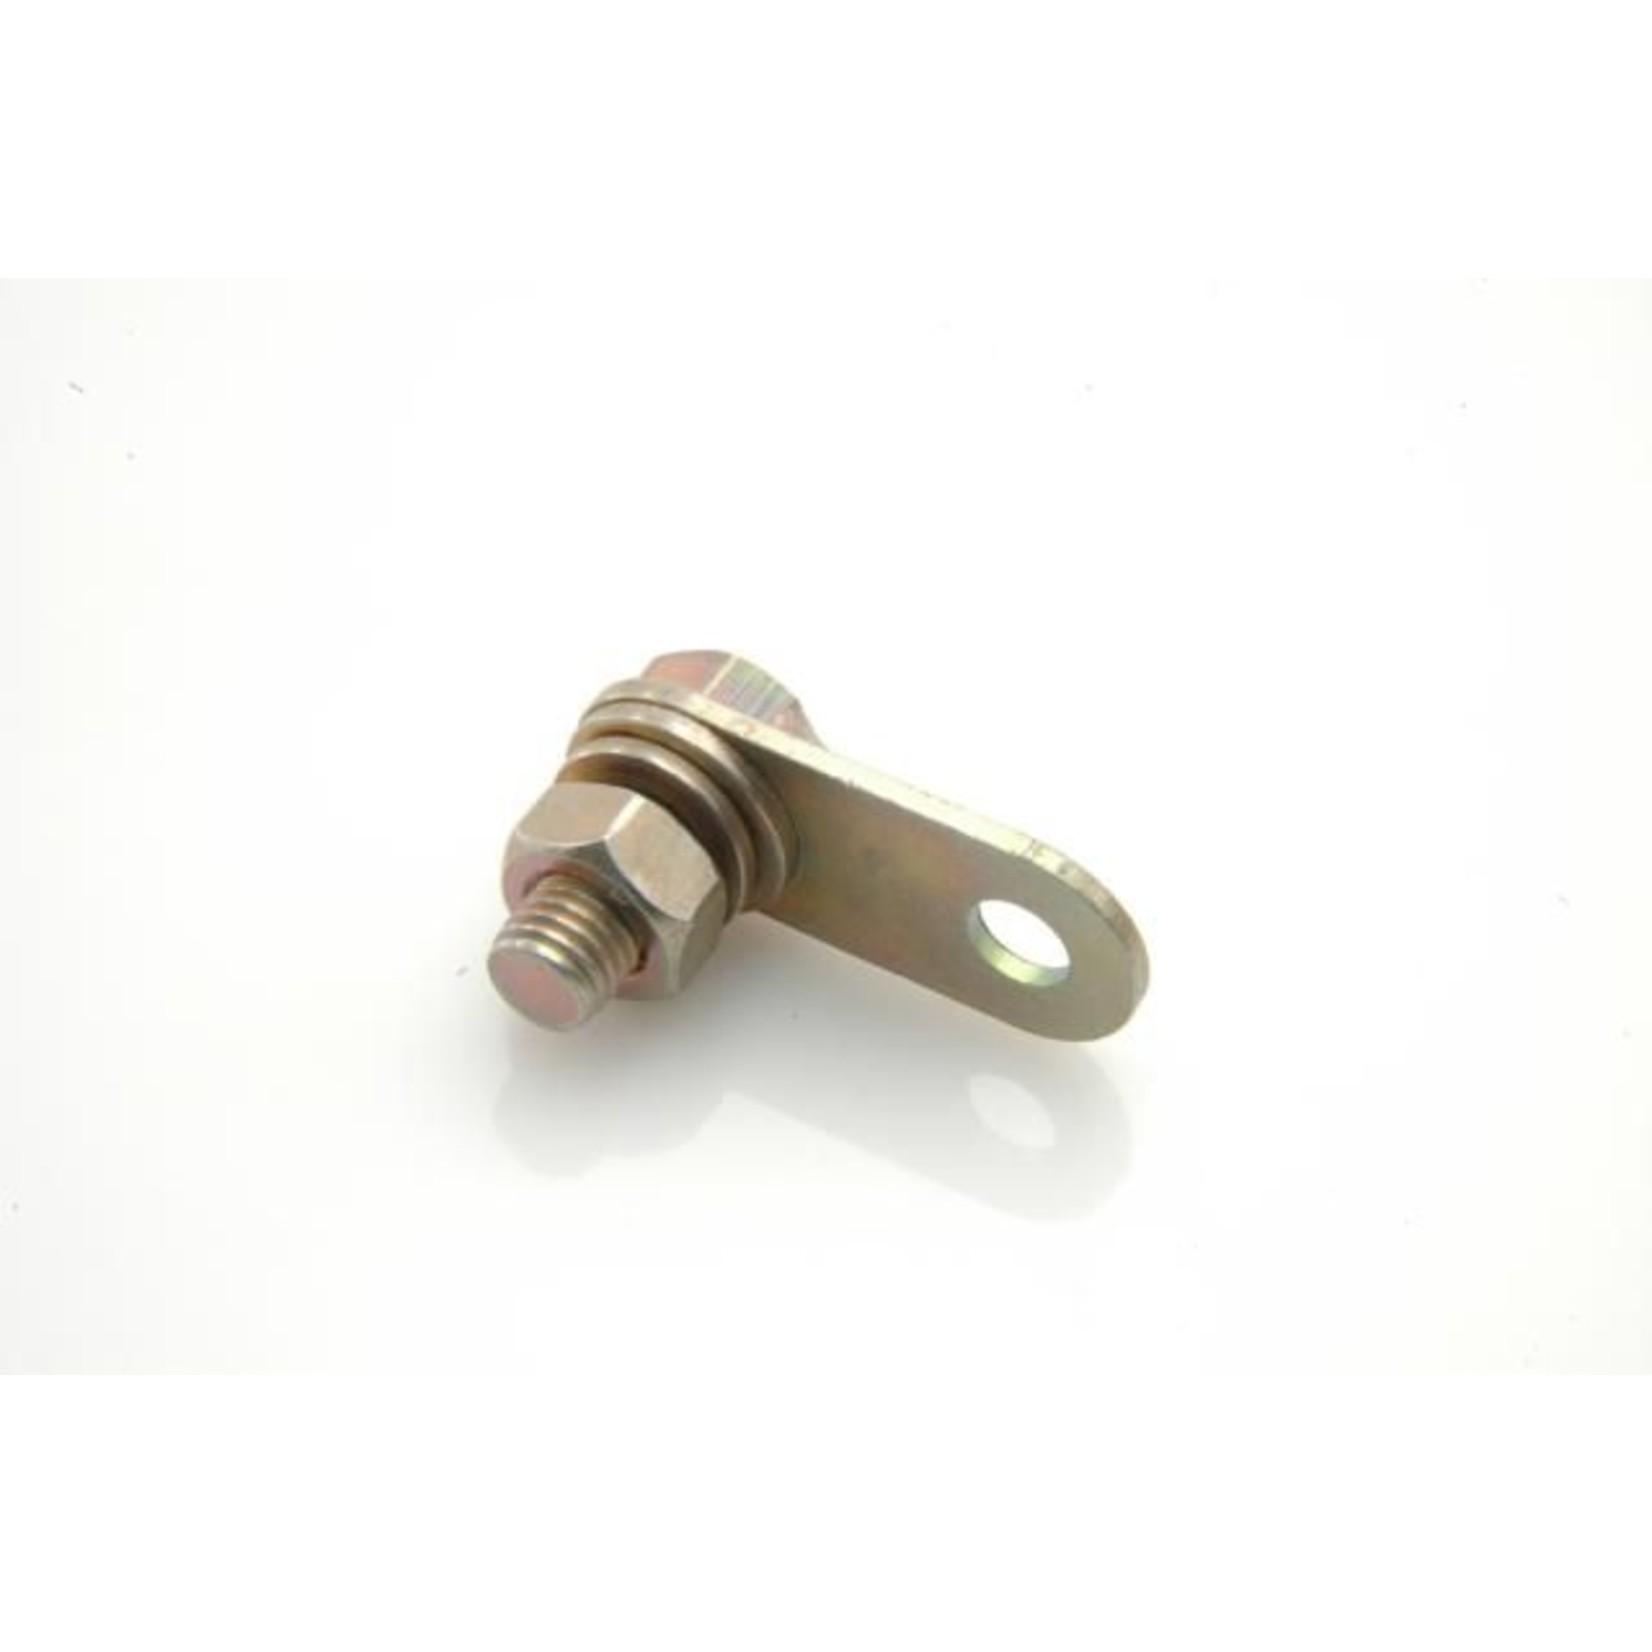 Hoogtebedieningskabelklem koplamp 68- Nr Org: DX541108